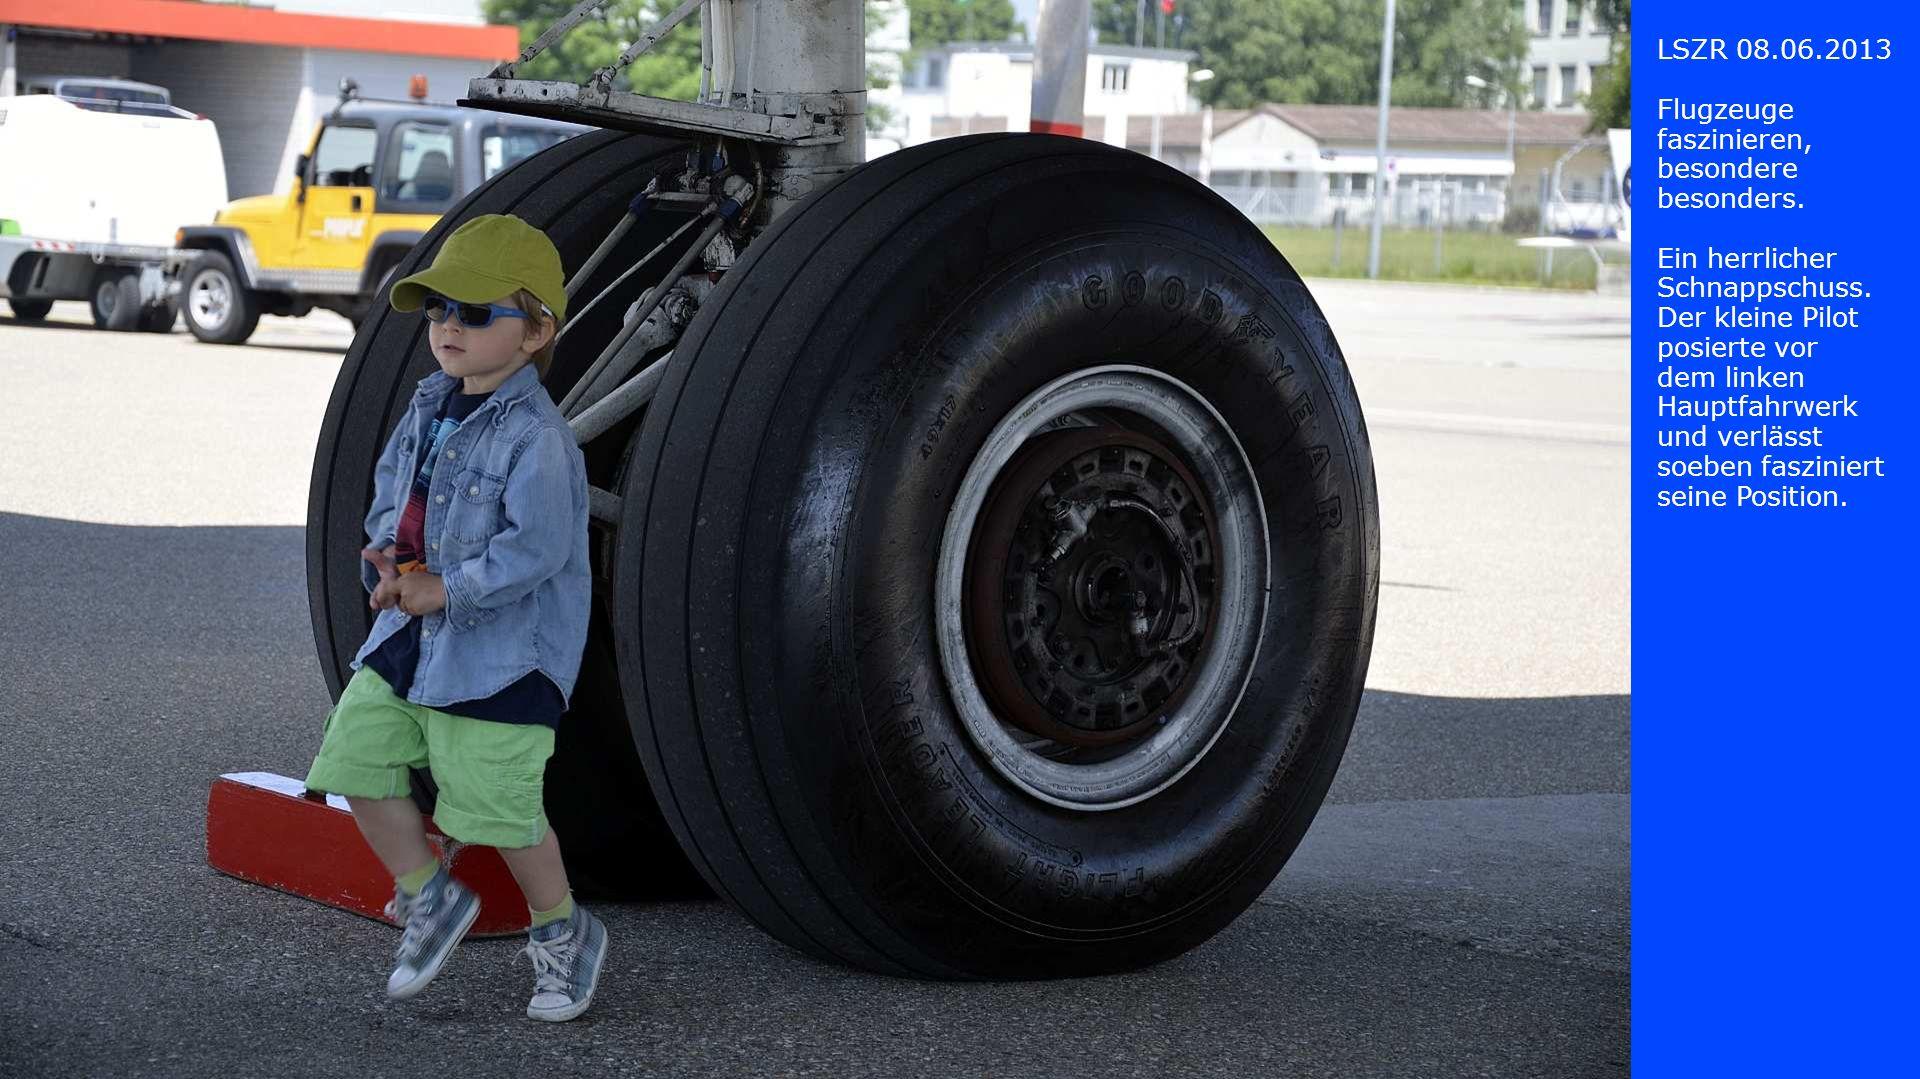 LSZR 08.06.2013 Flugzeuge faszinieren, besondere besonders. Ein herrlicher Schnappschuss. Der kleine Pilot posierte vor dem linken Hauptfahrwerk und v